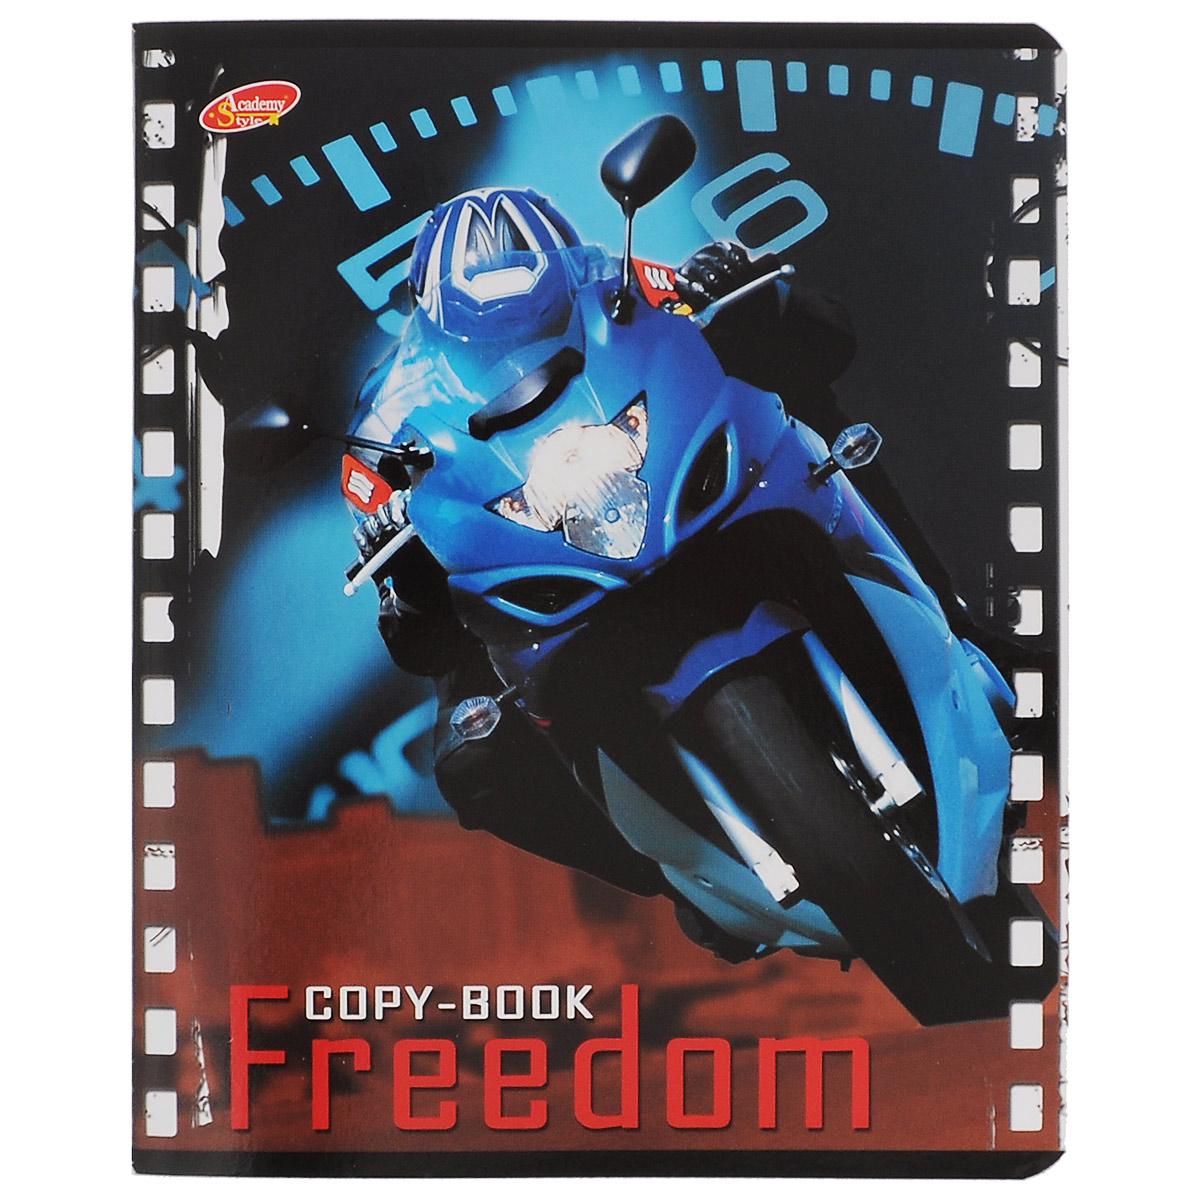 Тетрадь Freedom Мотоцикл, 80 листов, формат А5, цвет: голубой72523WDТетрадь в клетку Freedom Мотоцикл с красочным изображением мотоцикла на обложке подойдет как студенту, так и школьнику. Обложка тетради с закругленными углами выполнена из картона. Внутренний блок состоит из 80 листов белой бумаги. Стандартная линовка в клетку дополнена полями, совпадающими с лицевой и оборотной стороны листа.